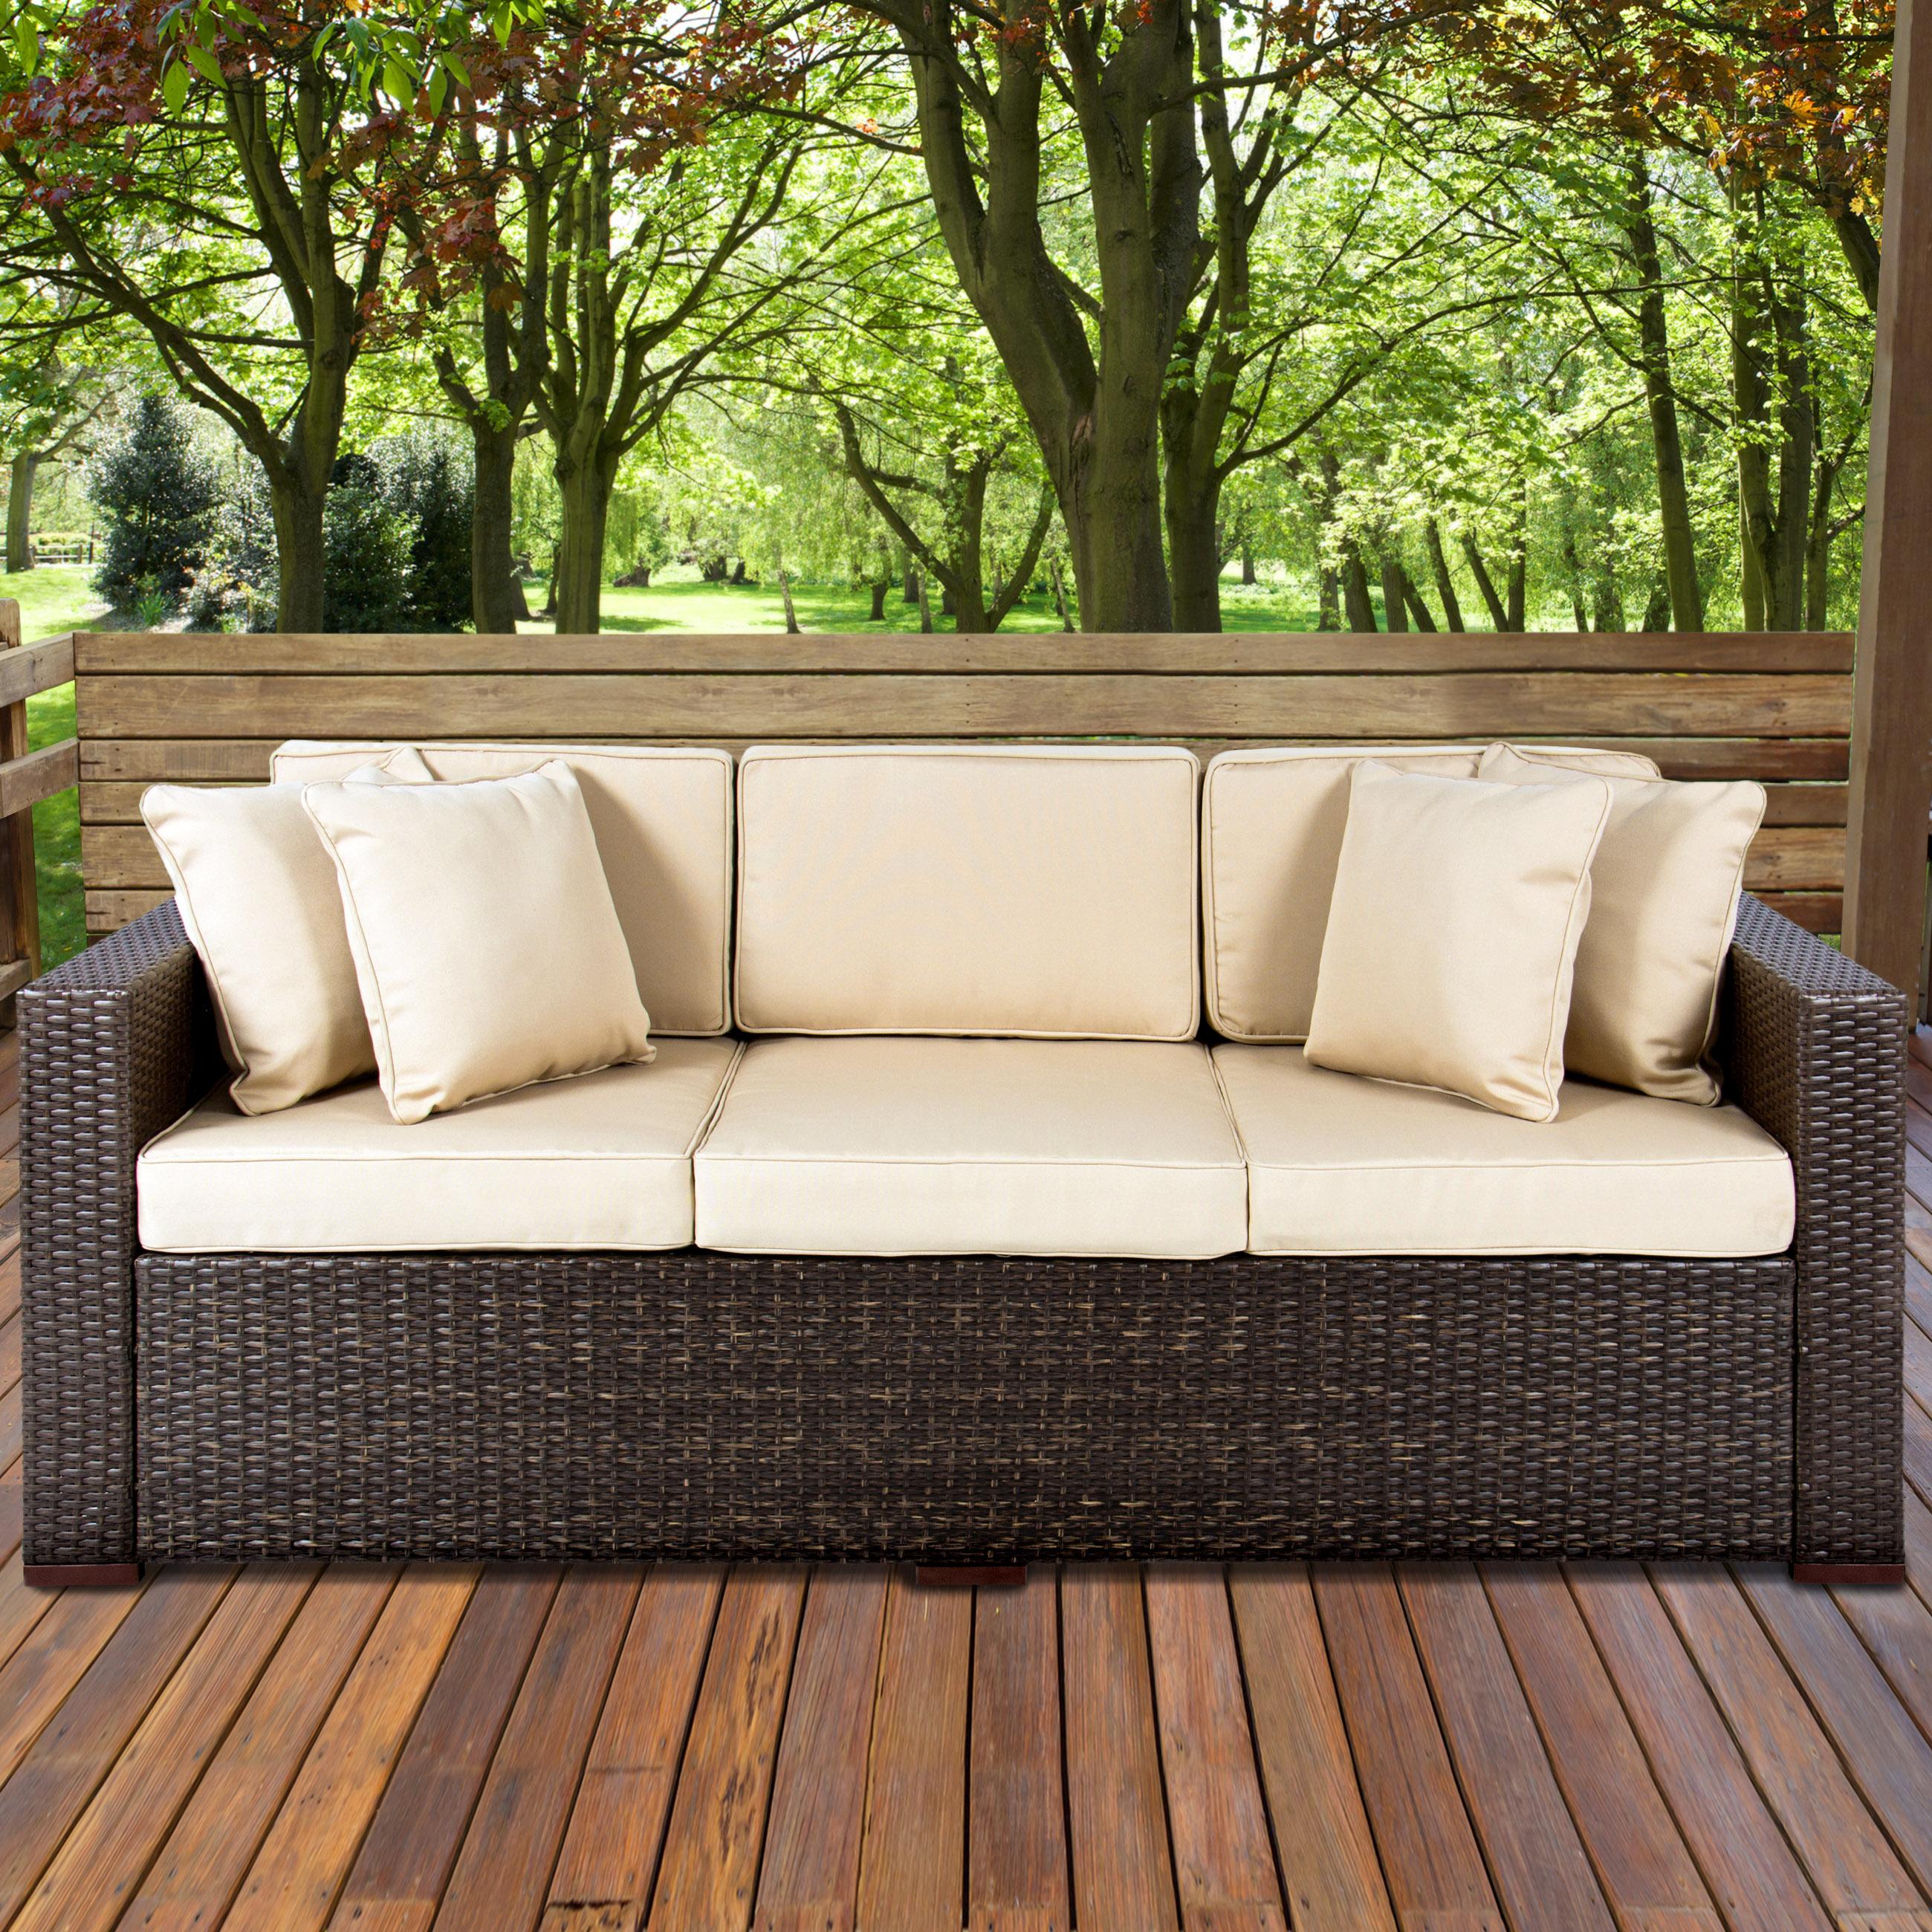 outdoor wicker patio furniture sofa 3 seater luxury comfort brown wicker couch walmartcom